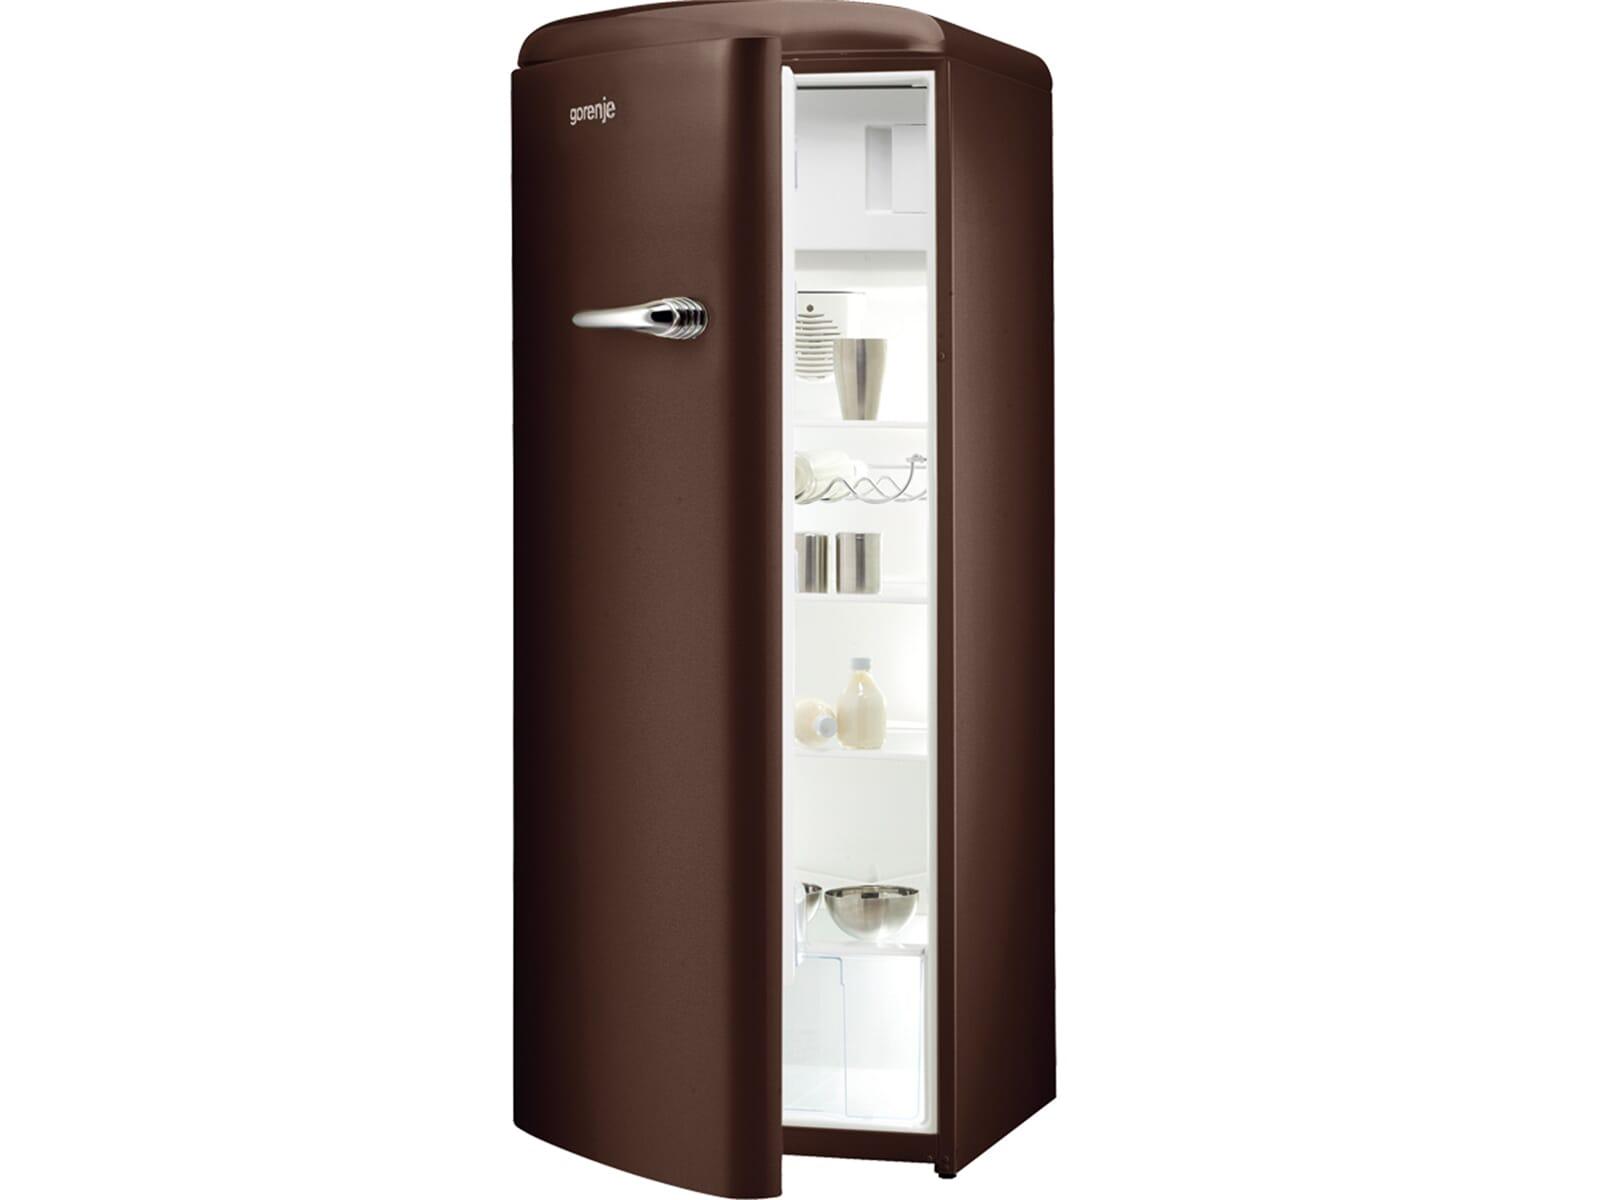 Gorenje Kühlschrank Lüfter : Kühlschrank leistung bosch kil18a75 test hier die infos fÜr sie